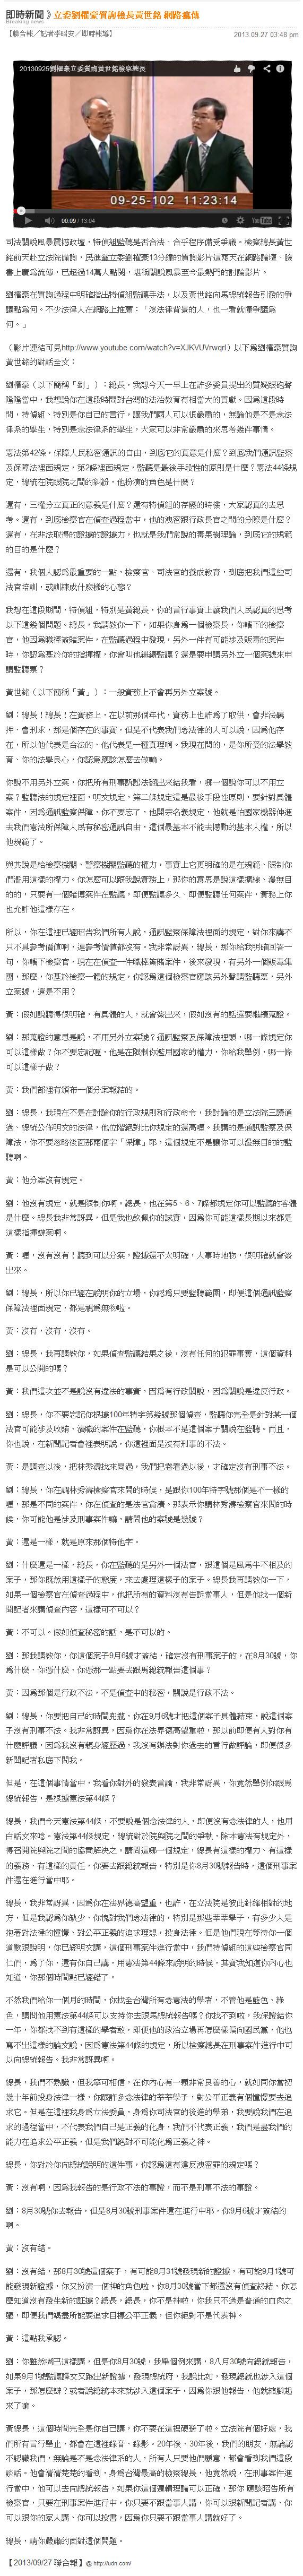 立委劉櫂豪質詢檢長黃世銘 網路瘋傳  -2013.09.27.jpg